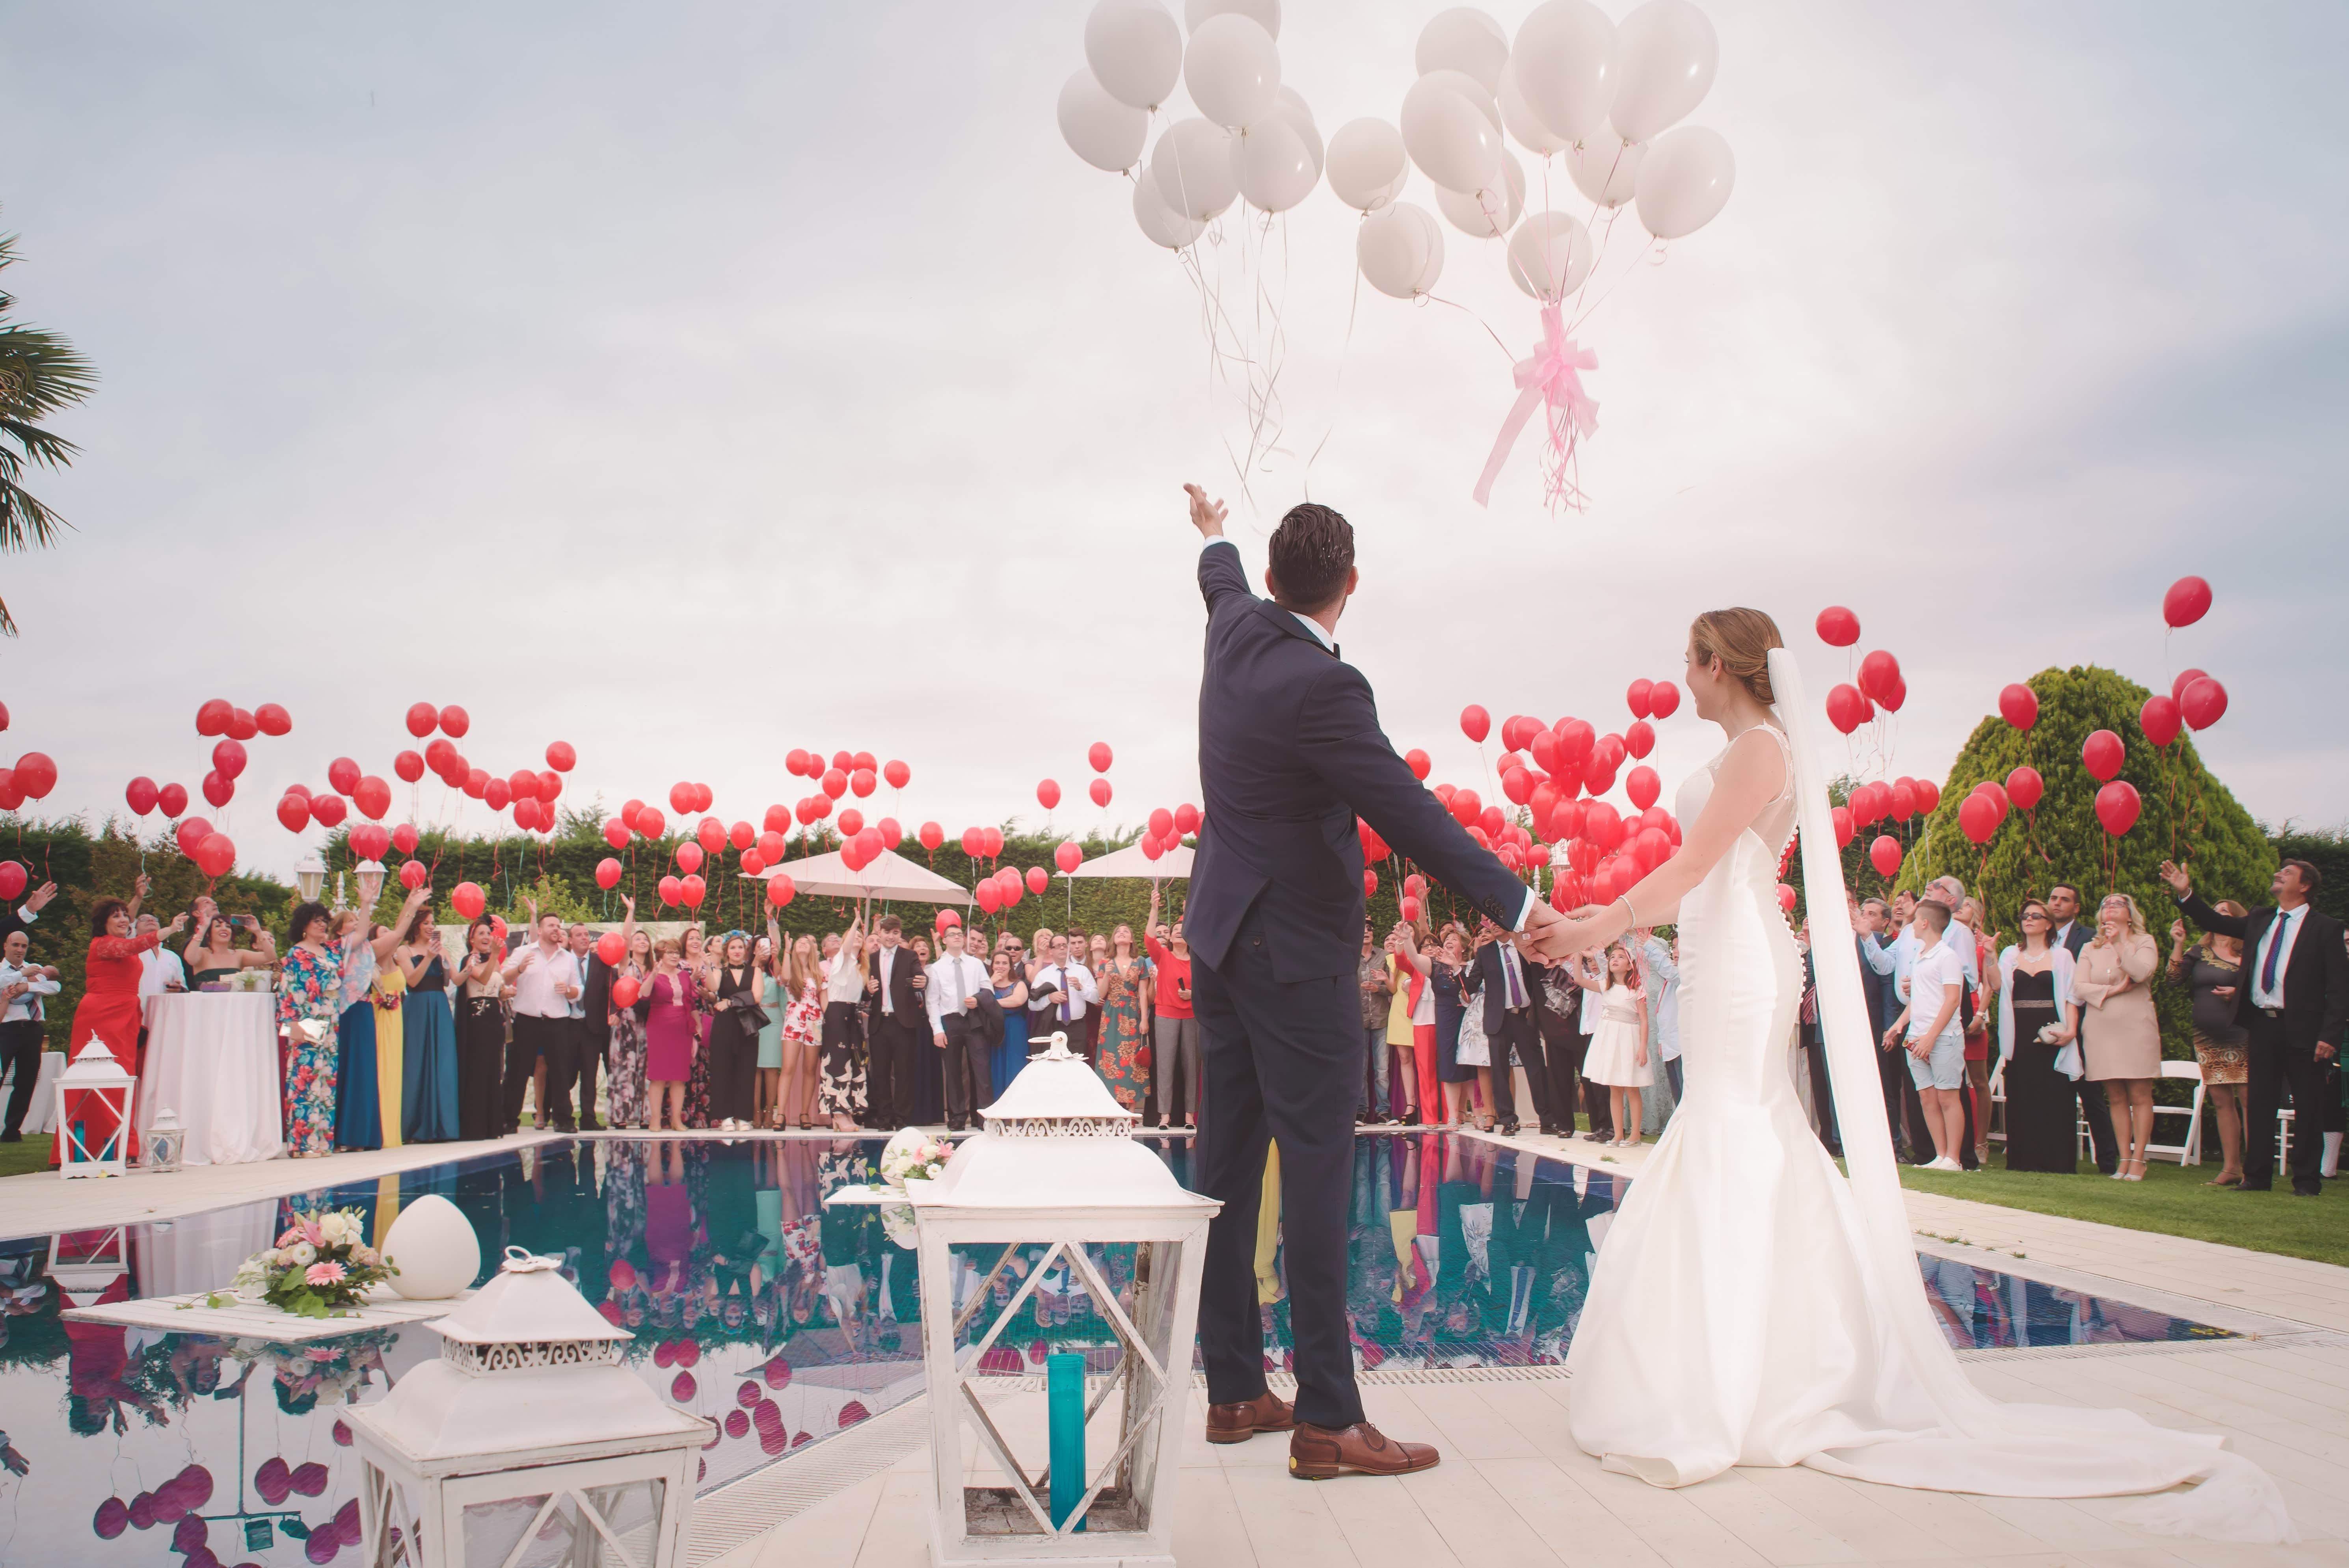 Annecy : au moins 12 personnes malades du coronavirus après un mariage